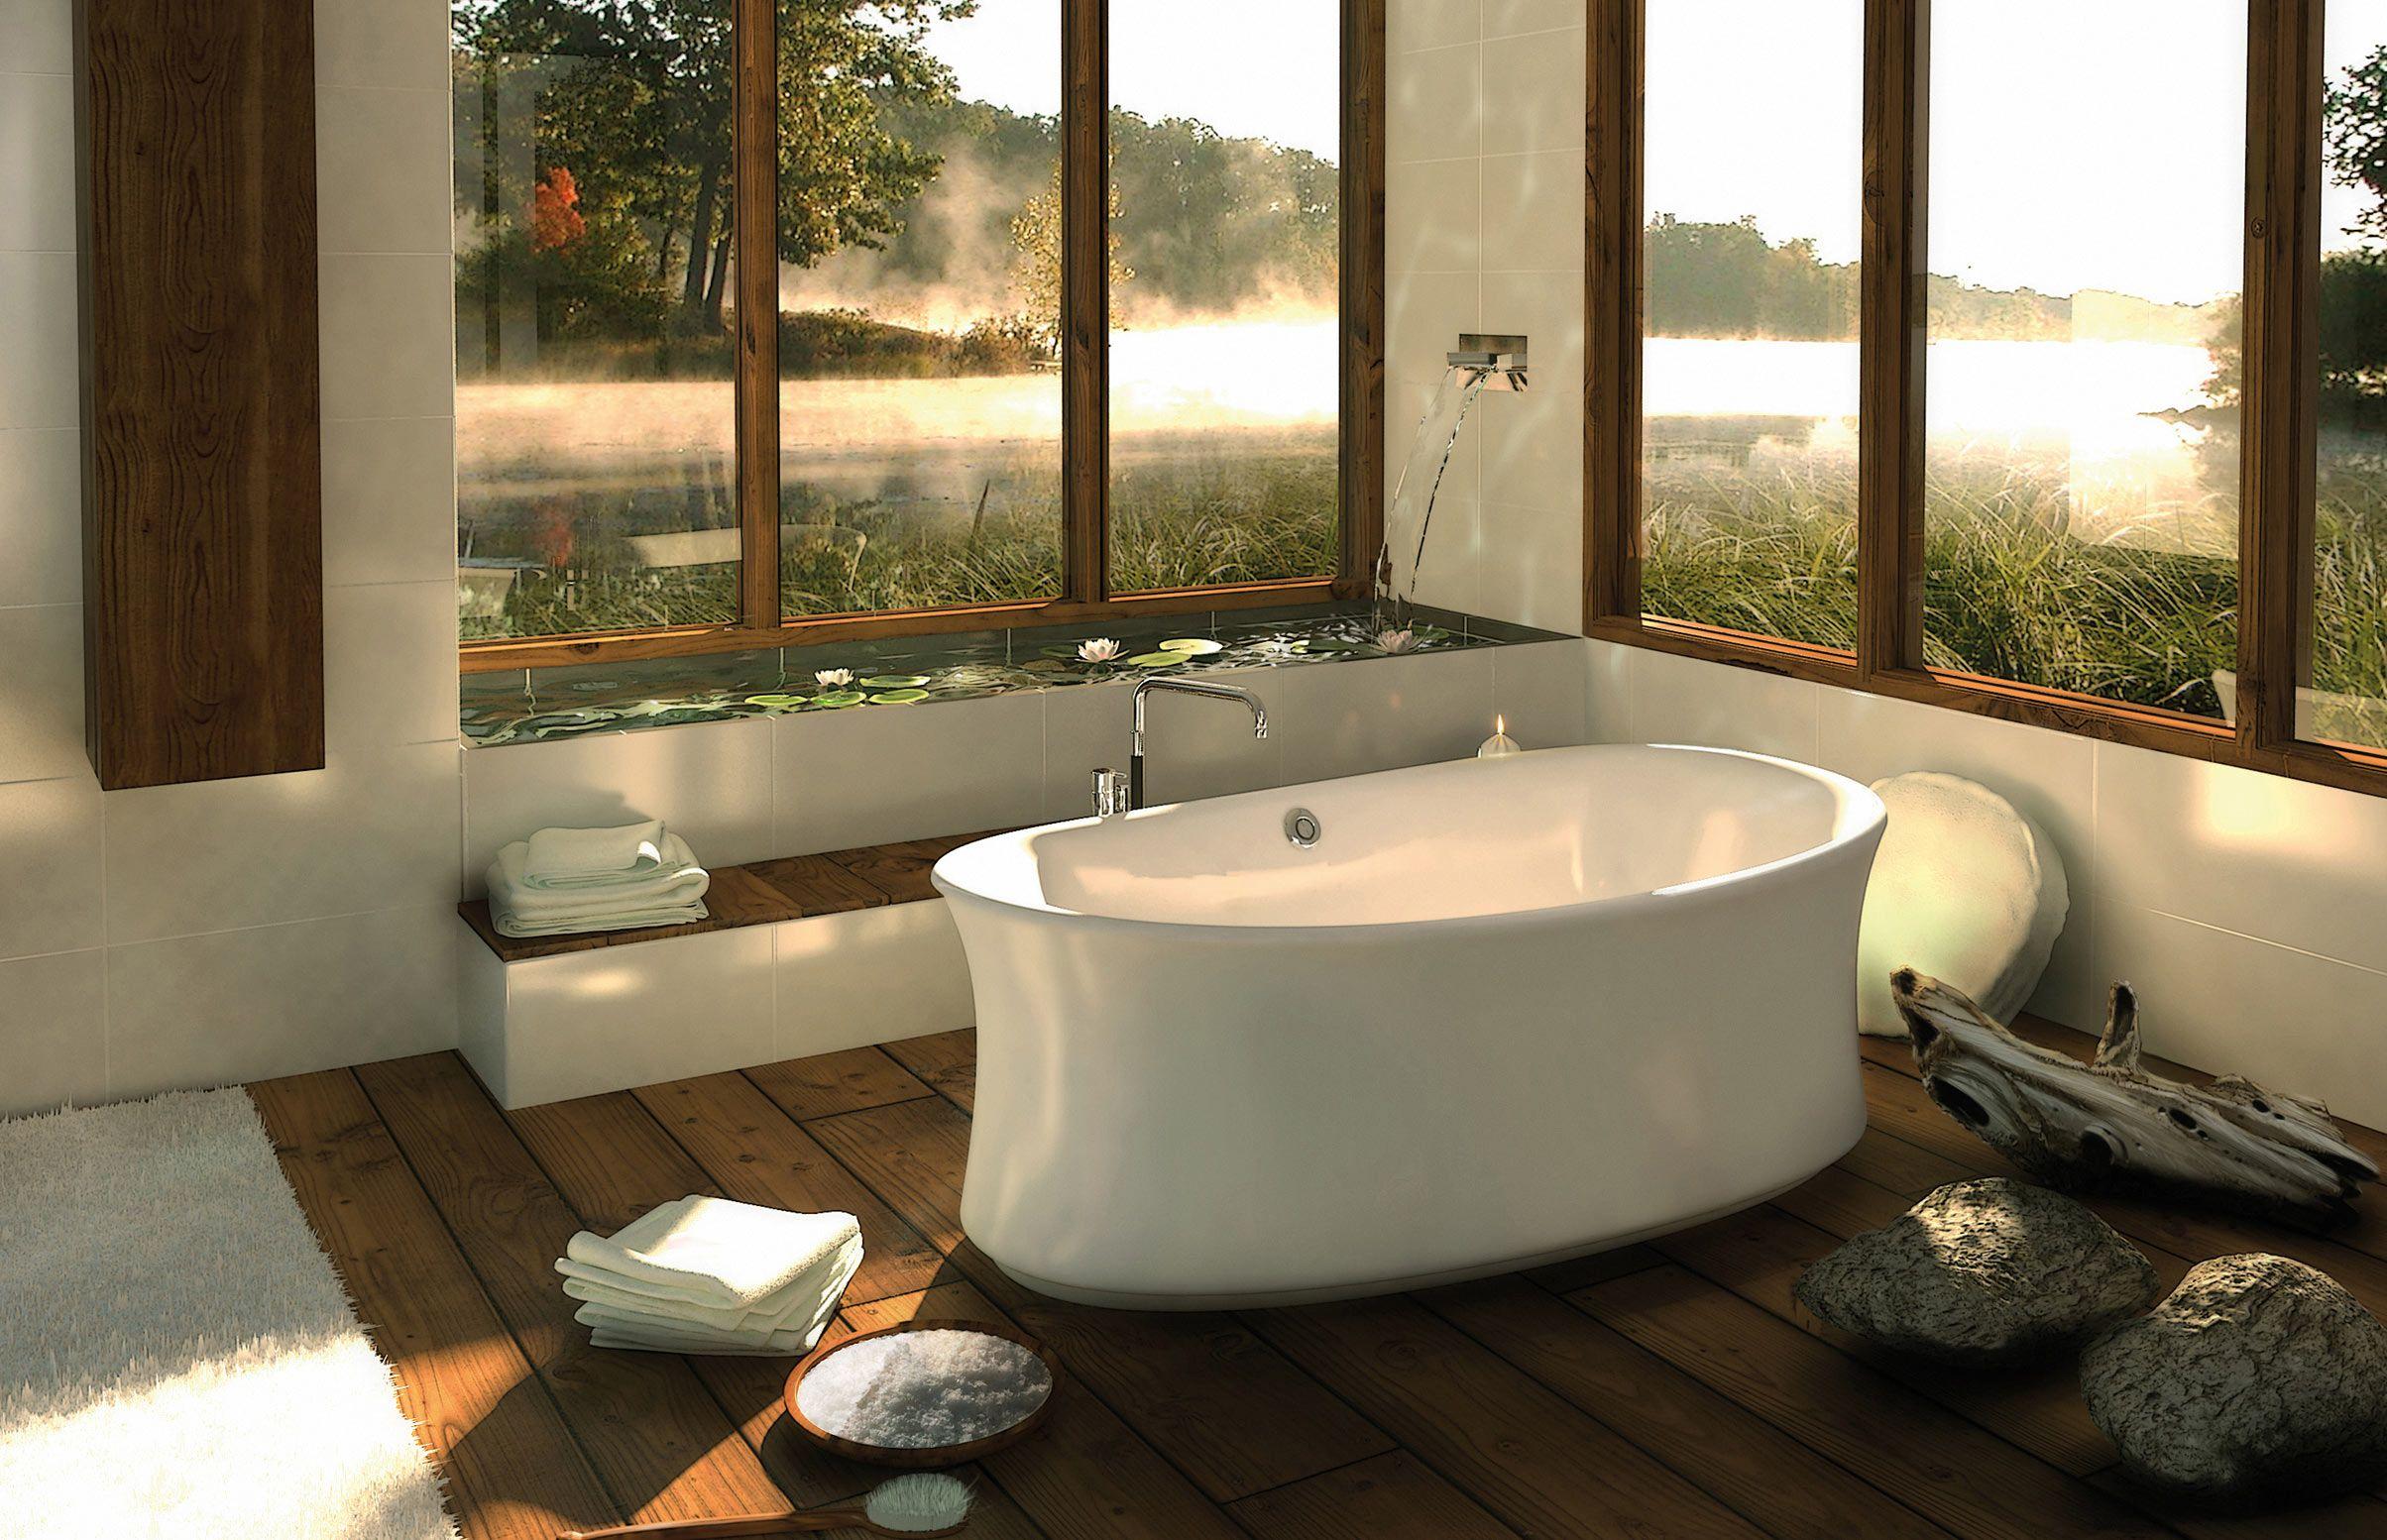 AMBROSIA F Freestanding bathtub - MAAX Collection | Bathroom ideas ...